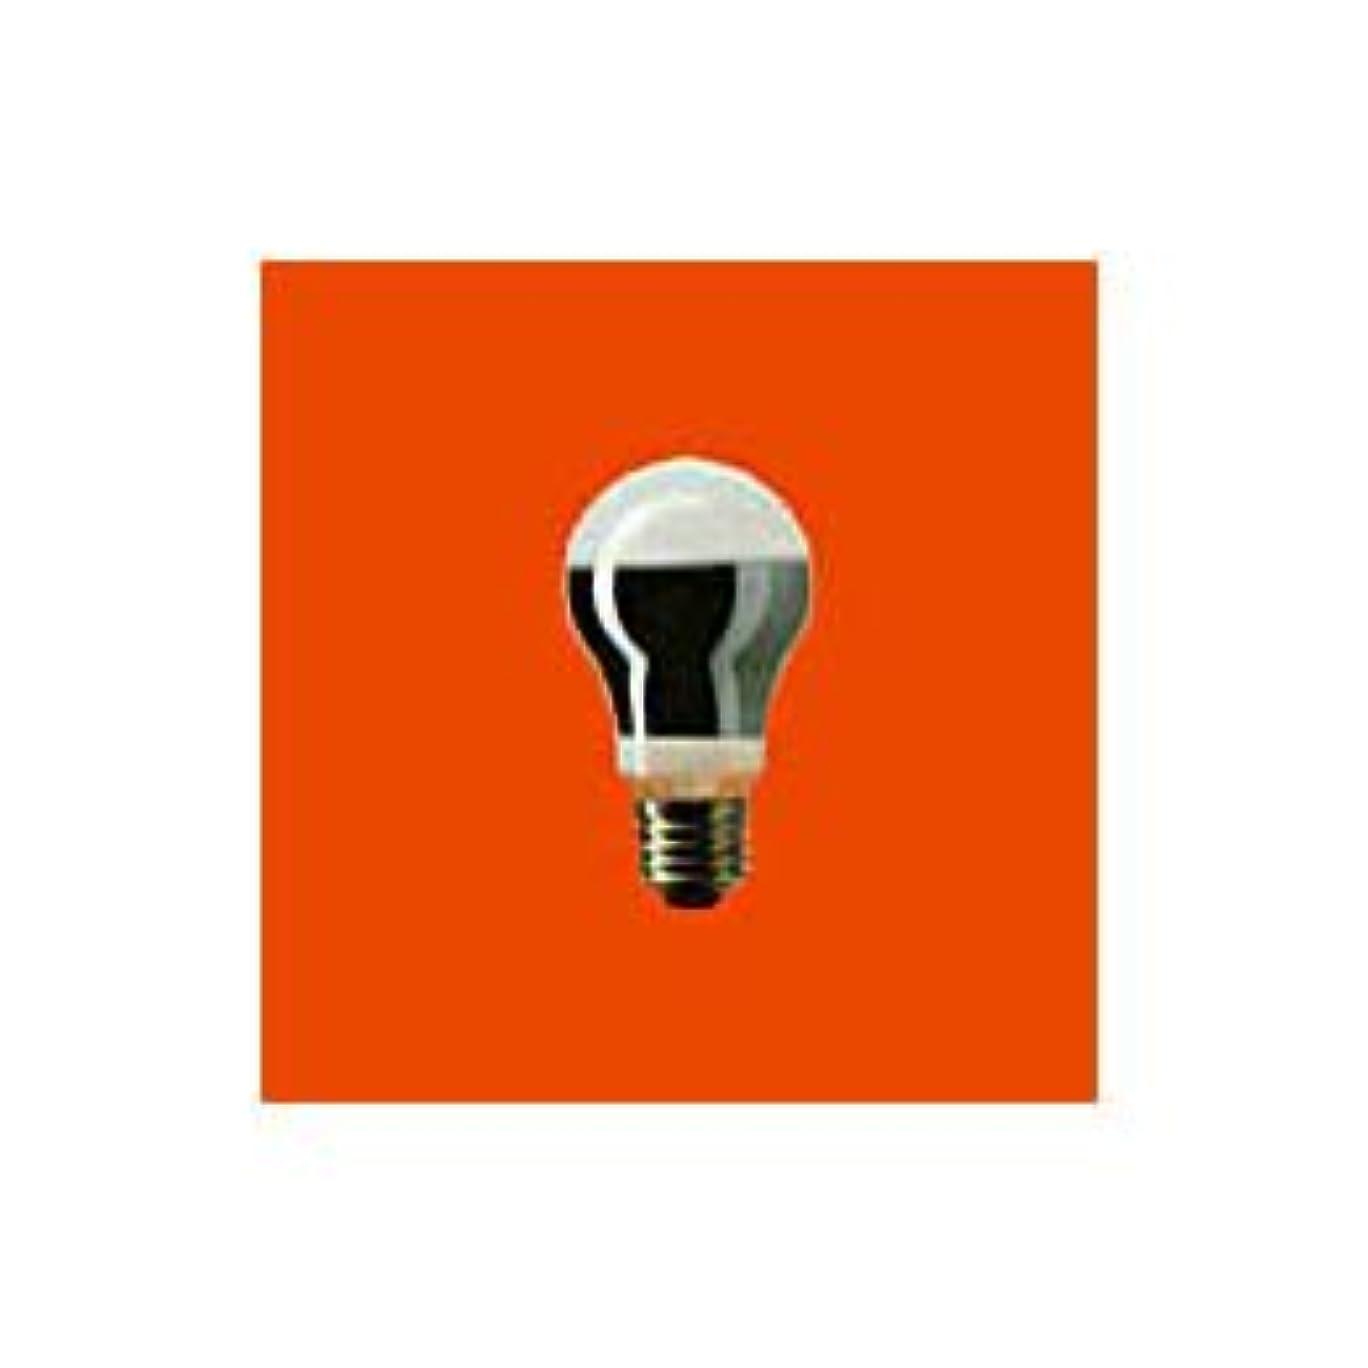 徹底的に干渉する枢機卿【まとめ 4セット】 PANASONIC 鶏舎用電球30W形ホワイト K-RK110V30W/D